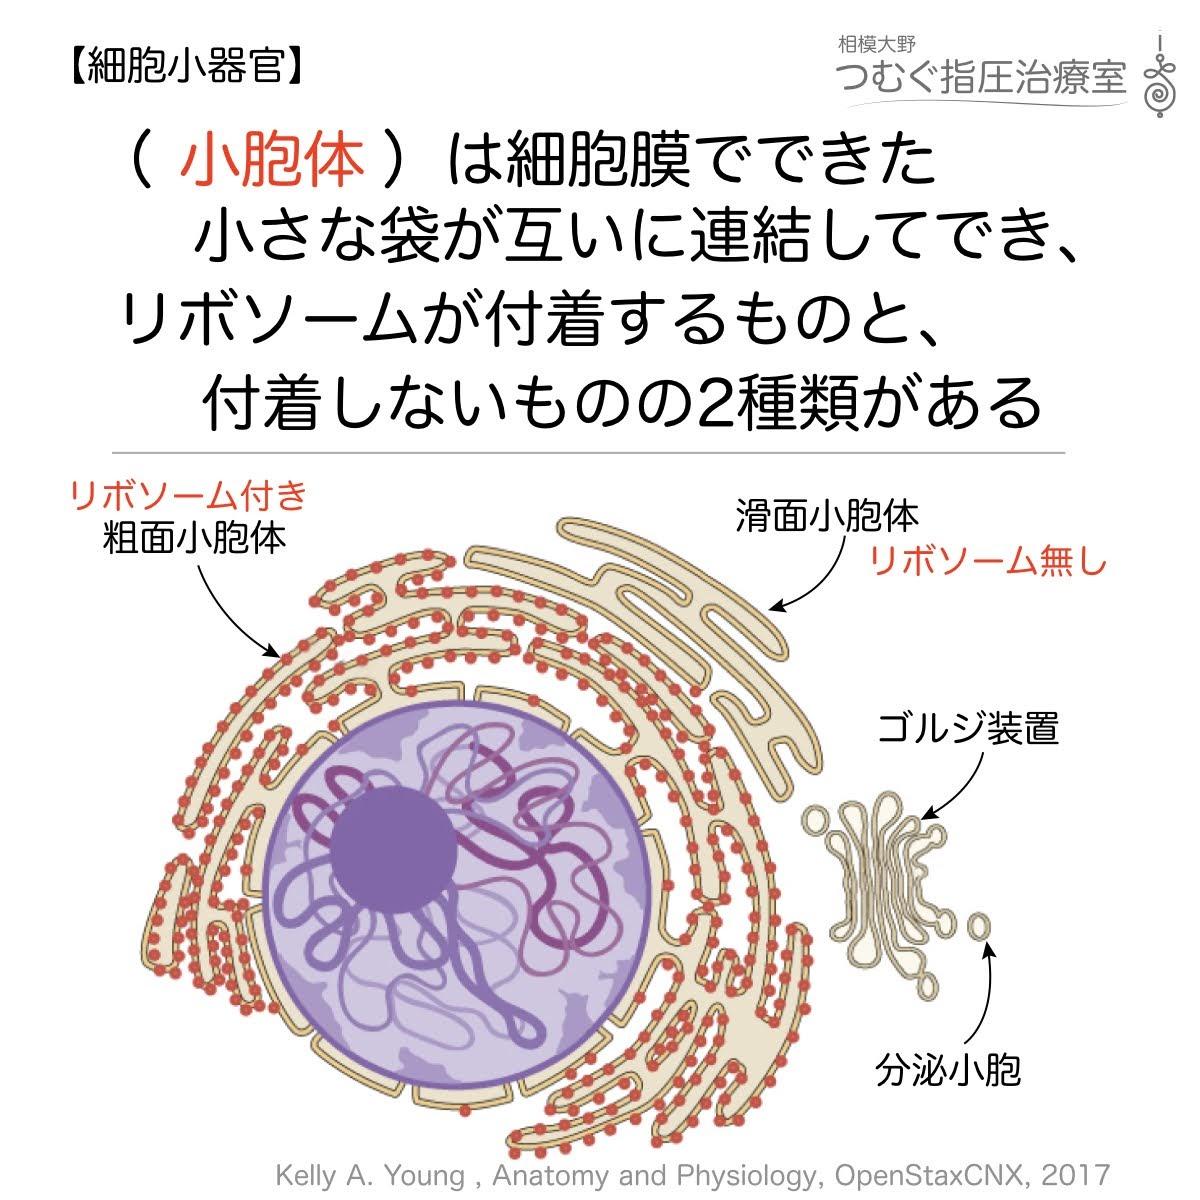 粗面小胞体と滑面小胞体